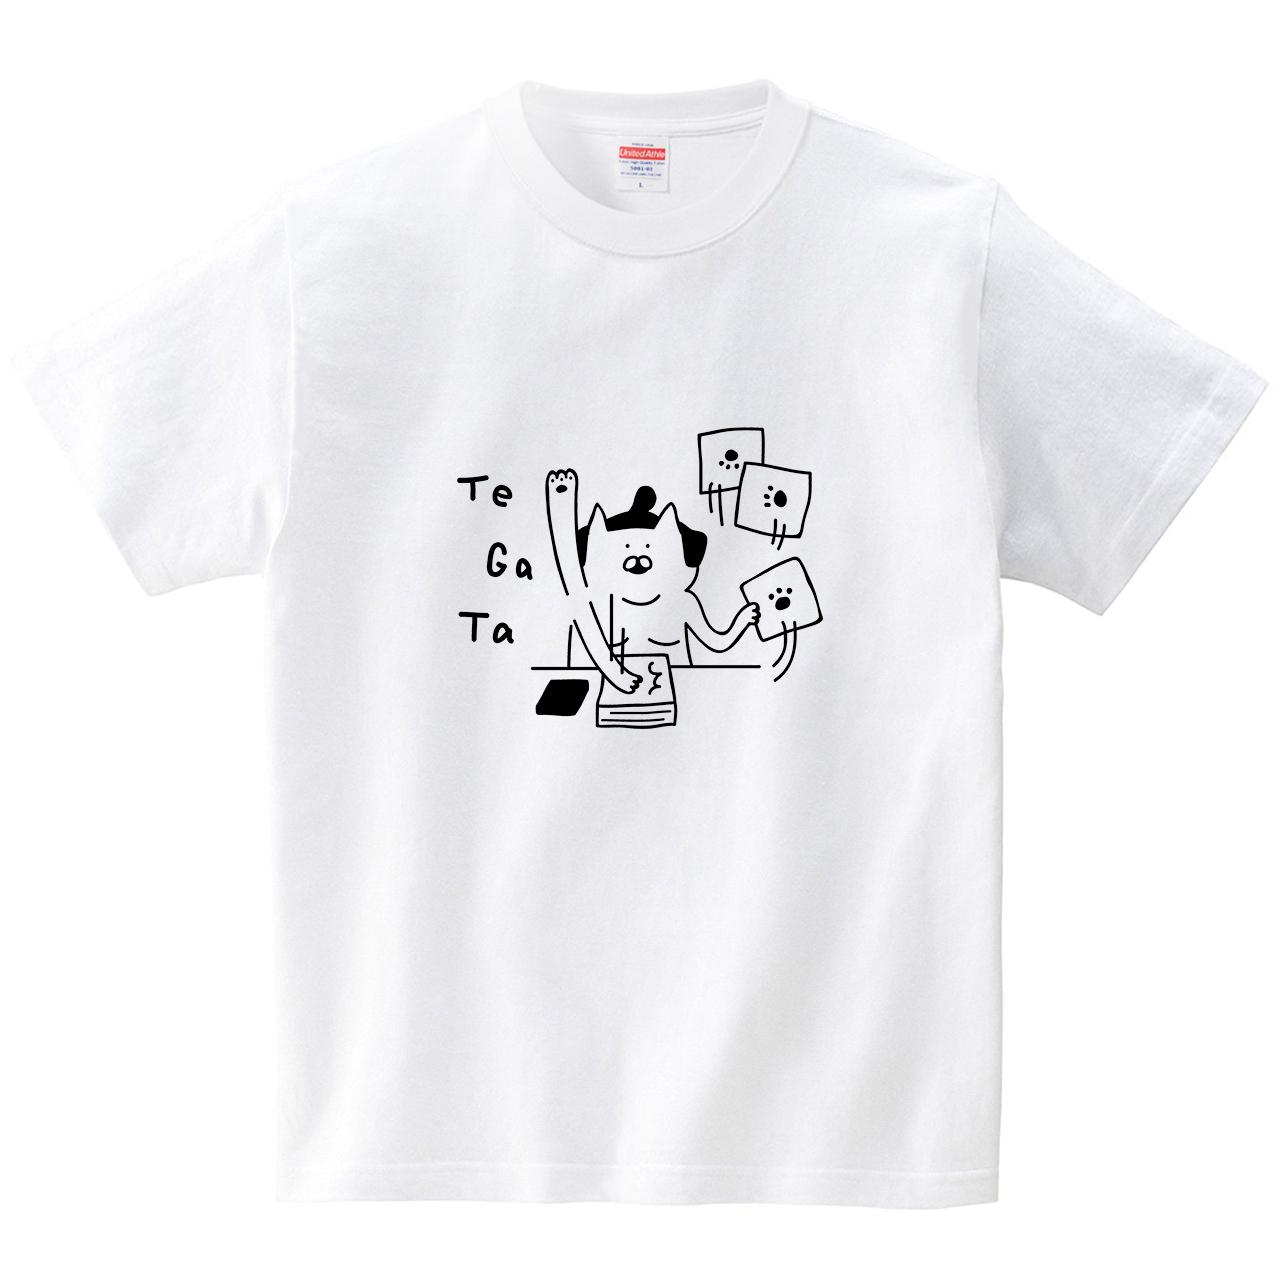 ネコ力士の手形(Tシャツ・ホワイト)(オワリ)